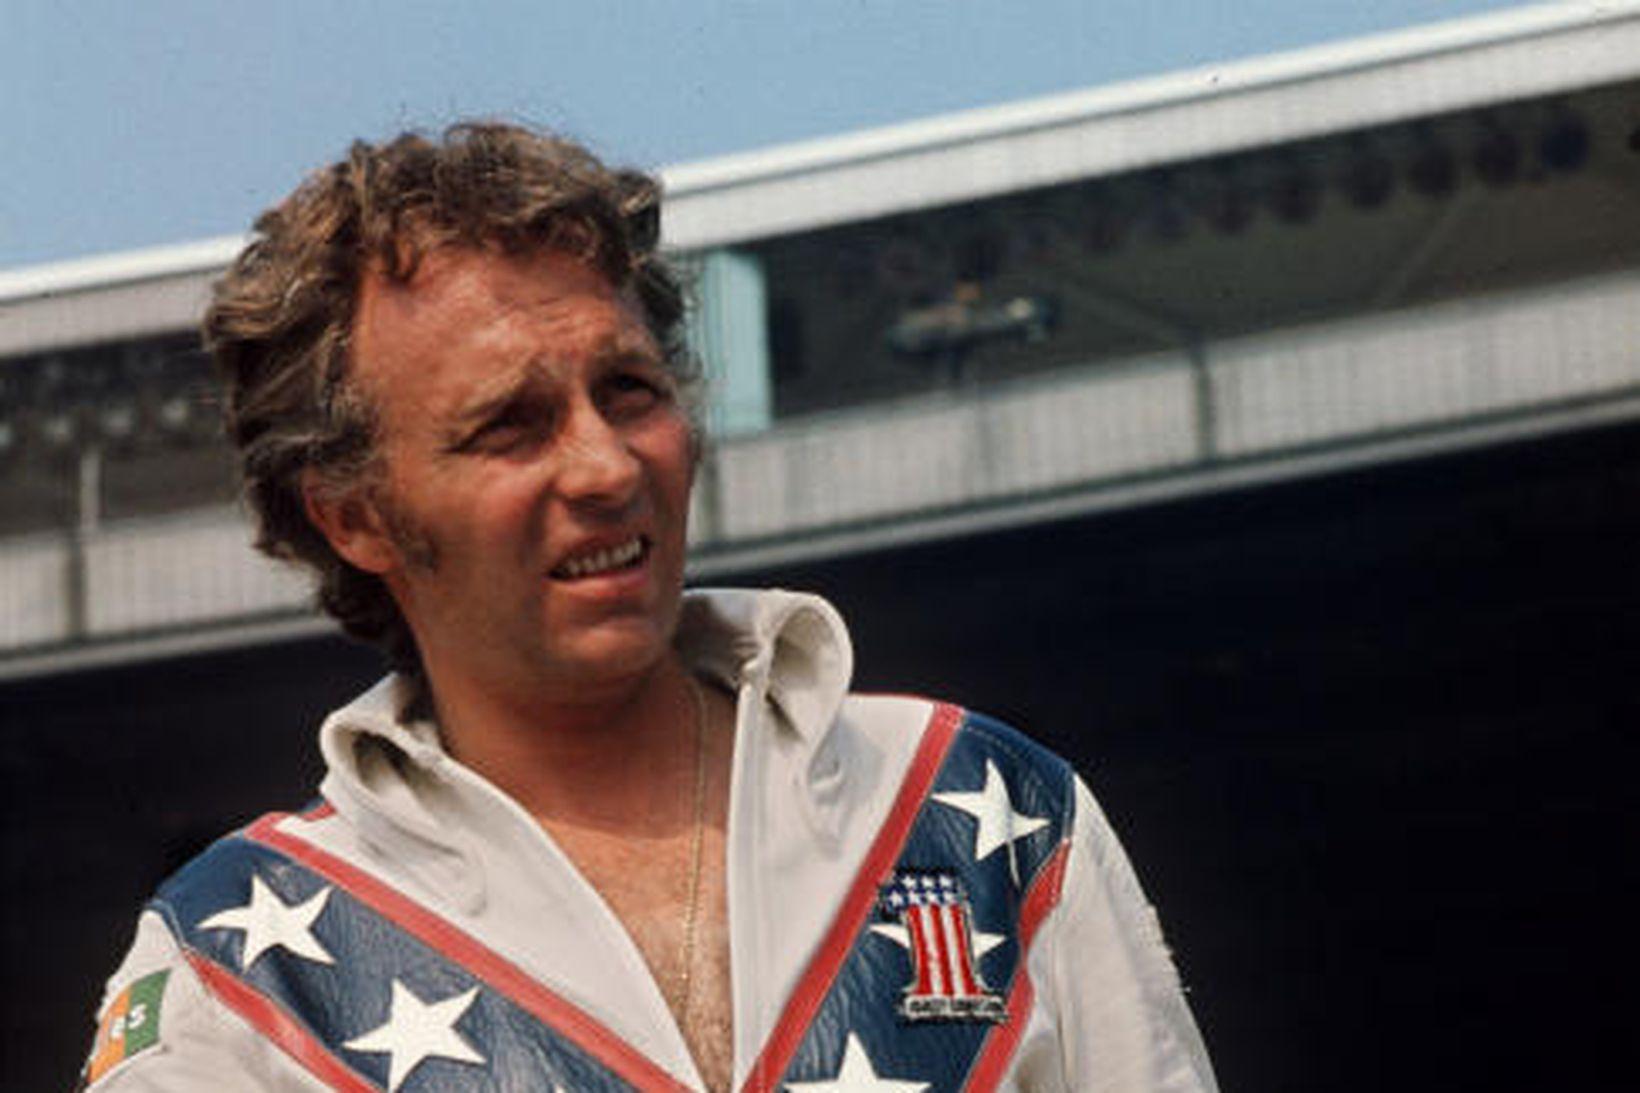 Evel Knievel sést hér í tilbúinn í slaginn árið 1974.